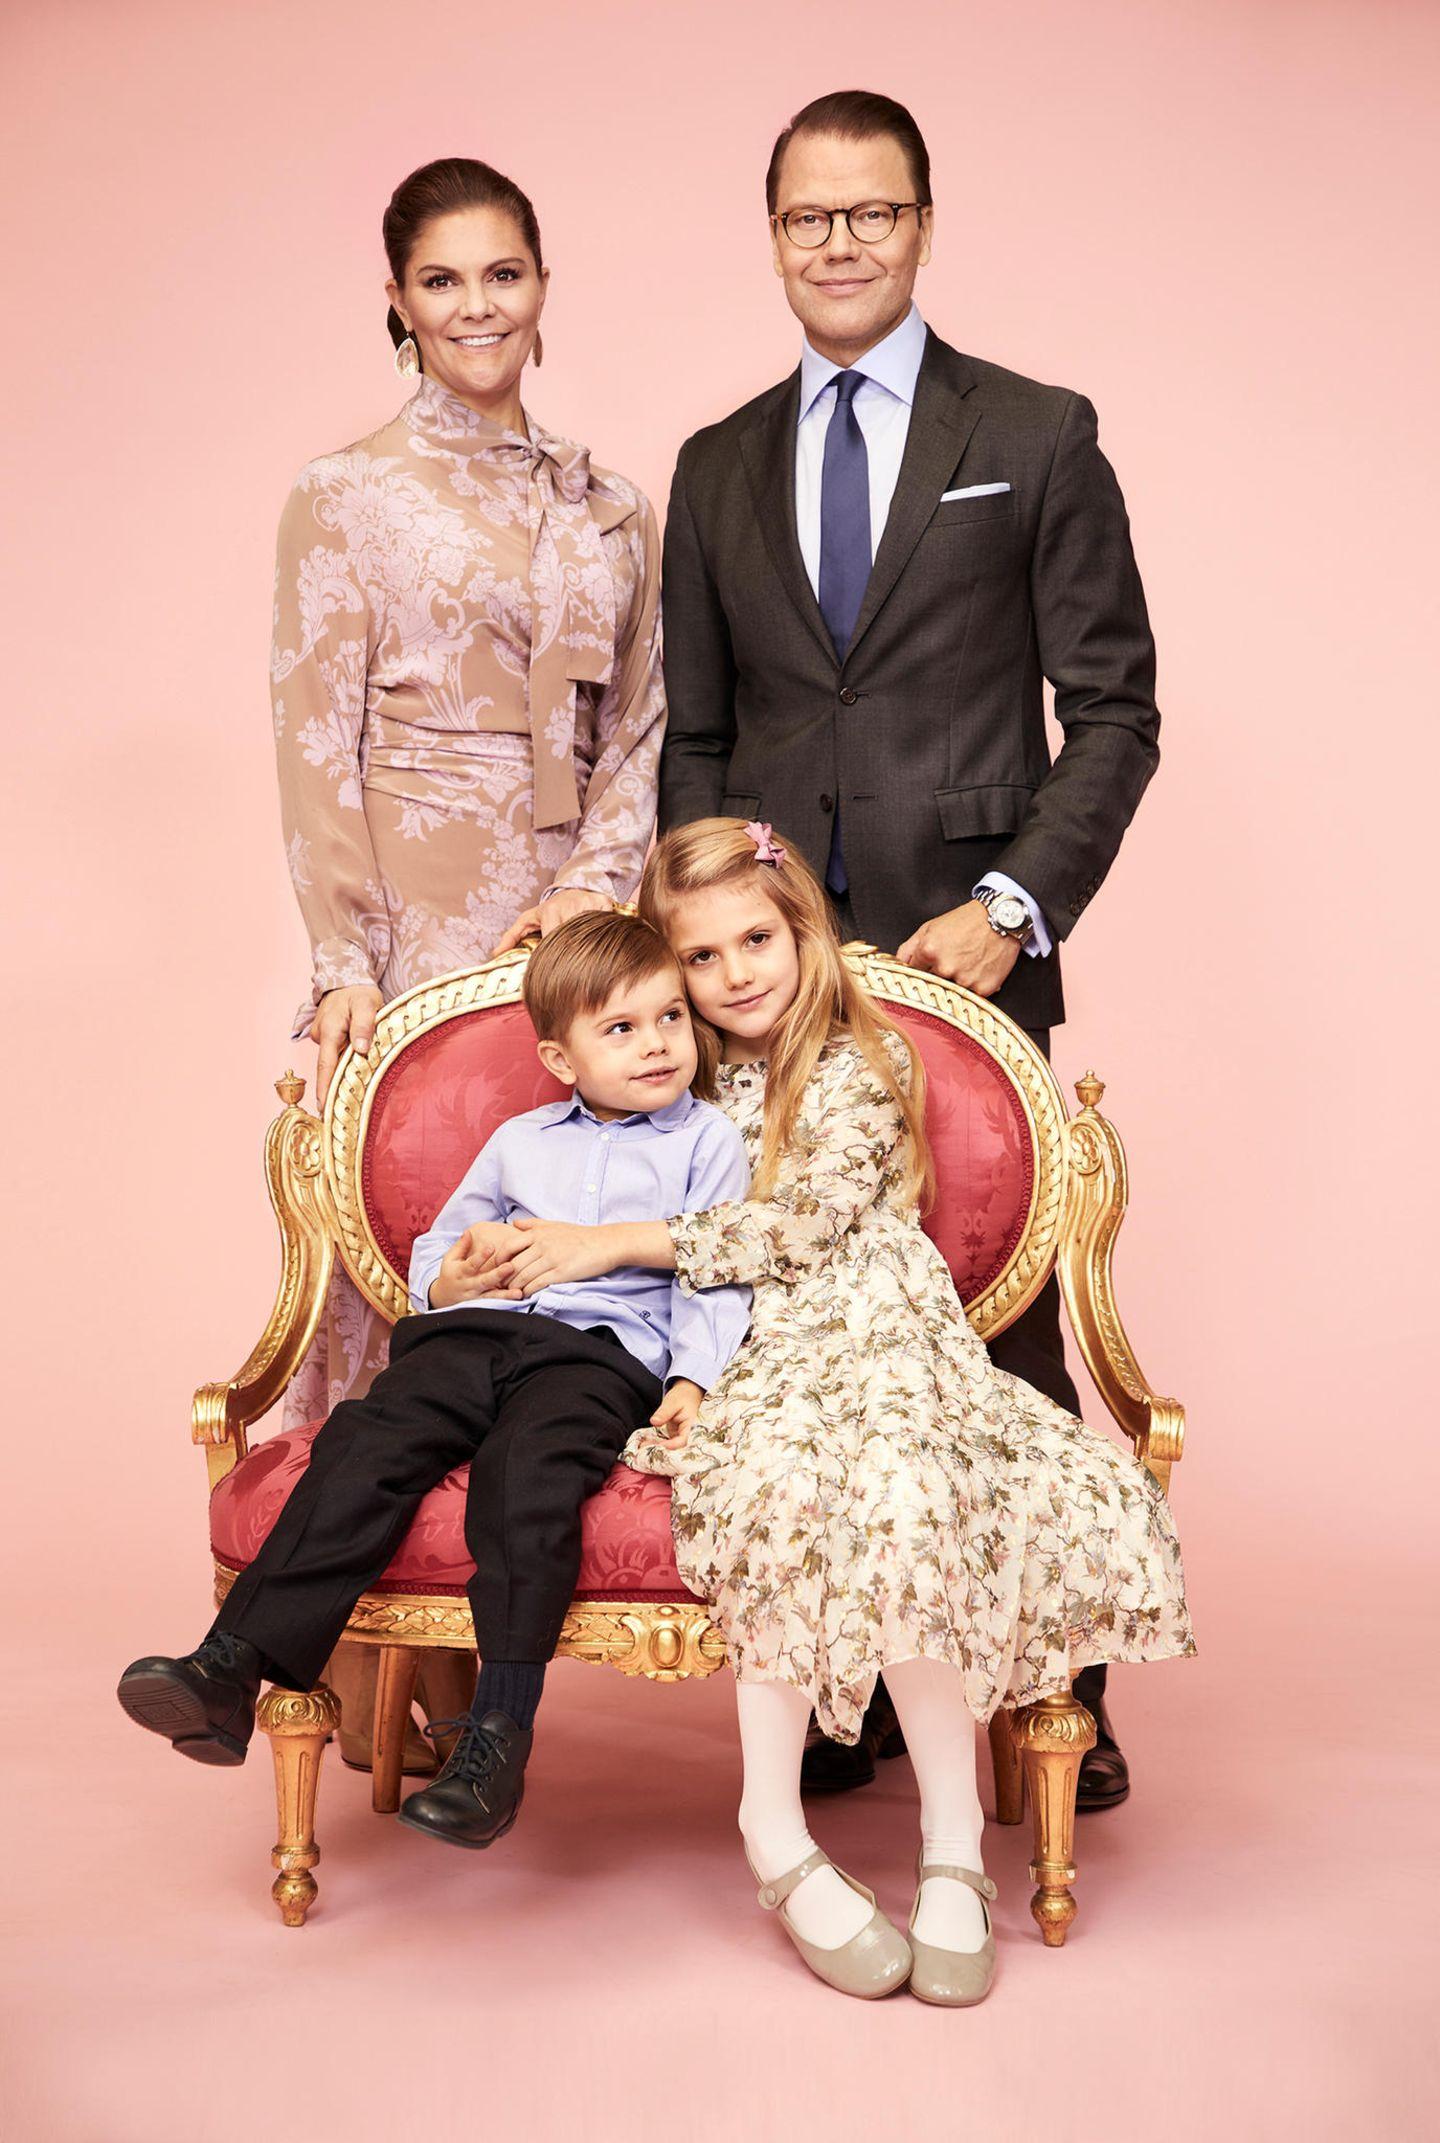 17. März 2020  Am Montag (16. März) wurde ein neues Foto der schwedischen Thronfolgerfamilie auf der Website des Palastes hochgeladen. Darauf zu sehen: Prinzessin Victoria, Prinz Daniel, Prinzessin Estelle und Prinz Oscar. Alle vier haben sich für das offizielle Foto schick herausgeputzt, besonders fällt auf, wie liebevoll Estelle ihren kleinen Bruder umarmt. Das Foto war eigentlich nicht dazu gedacht, veröffentlicht zu werden, da es aber doch so schön ist, entschied man sich, es als Postkarte im Souvenirshop des Hofes anzubieten, verrät HofsprecherinMargareta Thorgren.